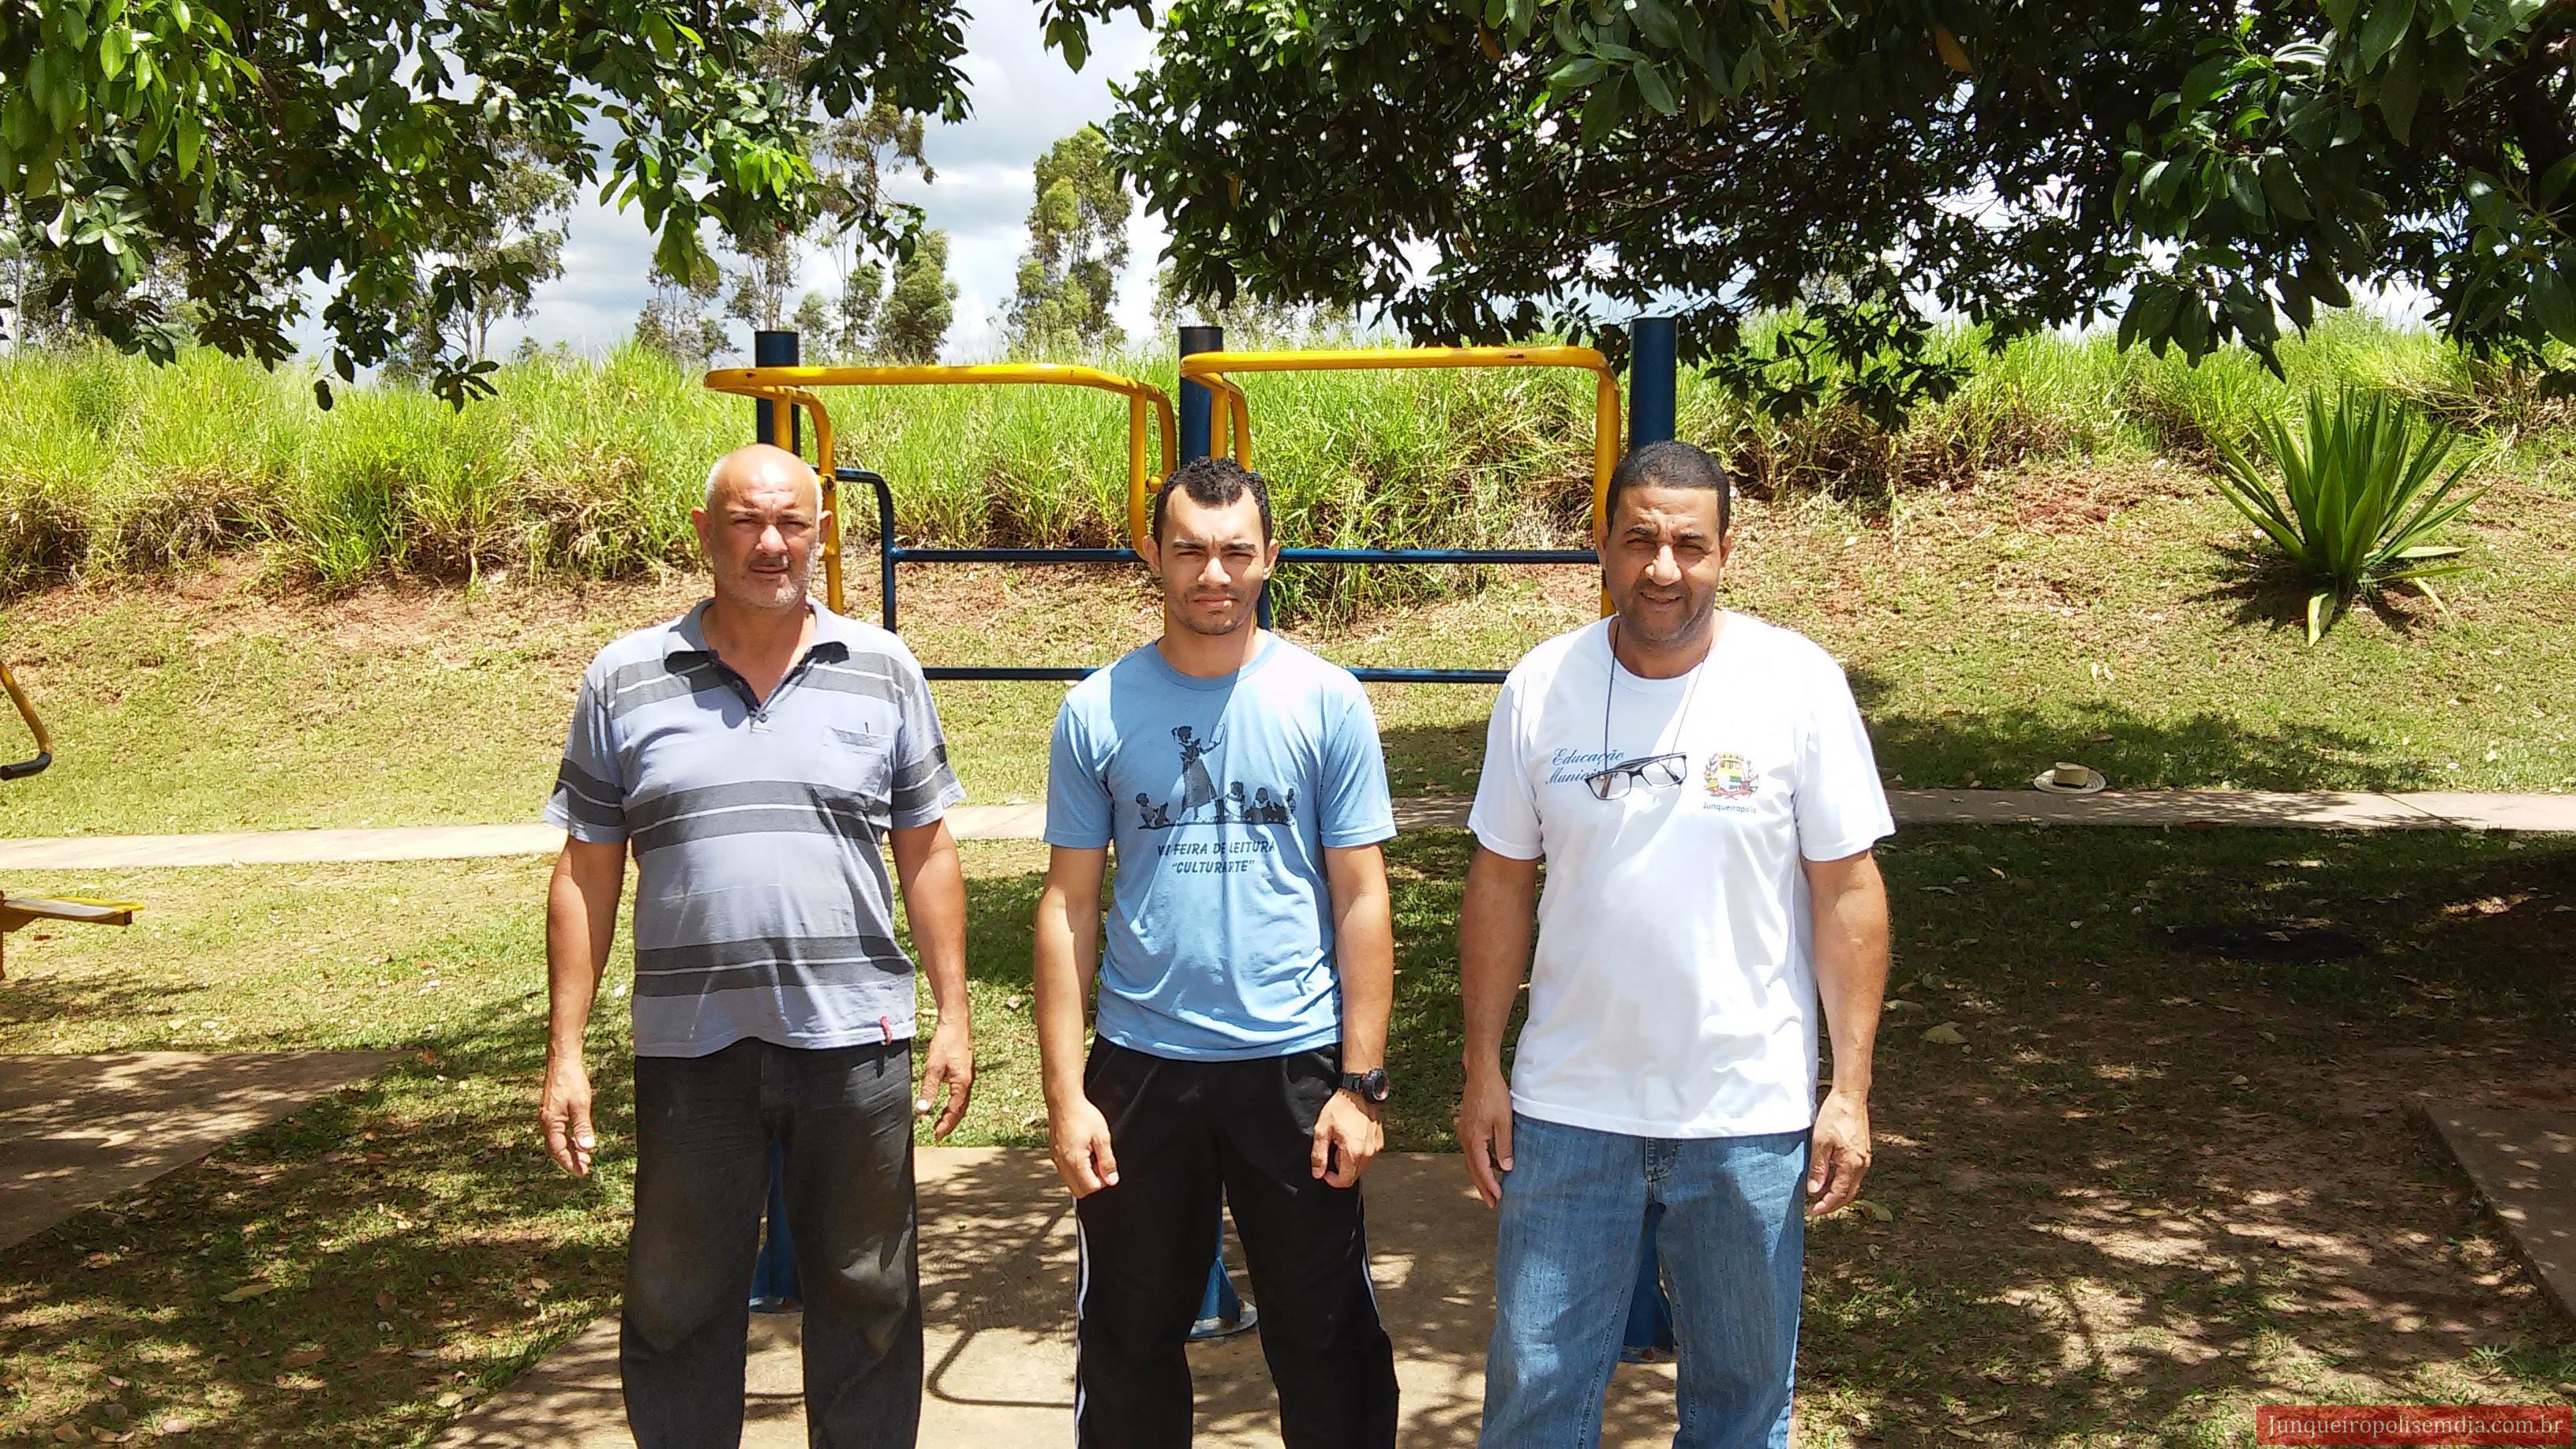 Júnior Volpon, Américo Borges e Aparecido Figueiredo, em vistorias nas academias ao ar